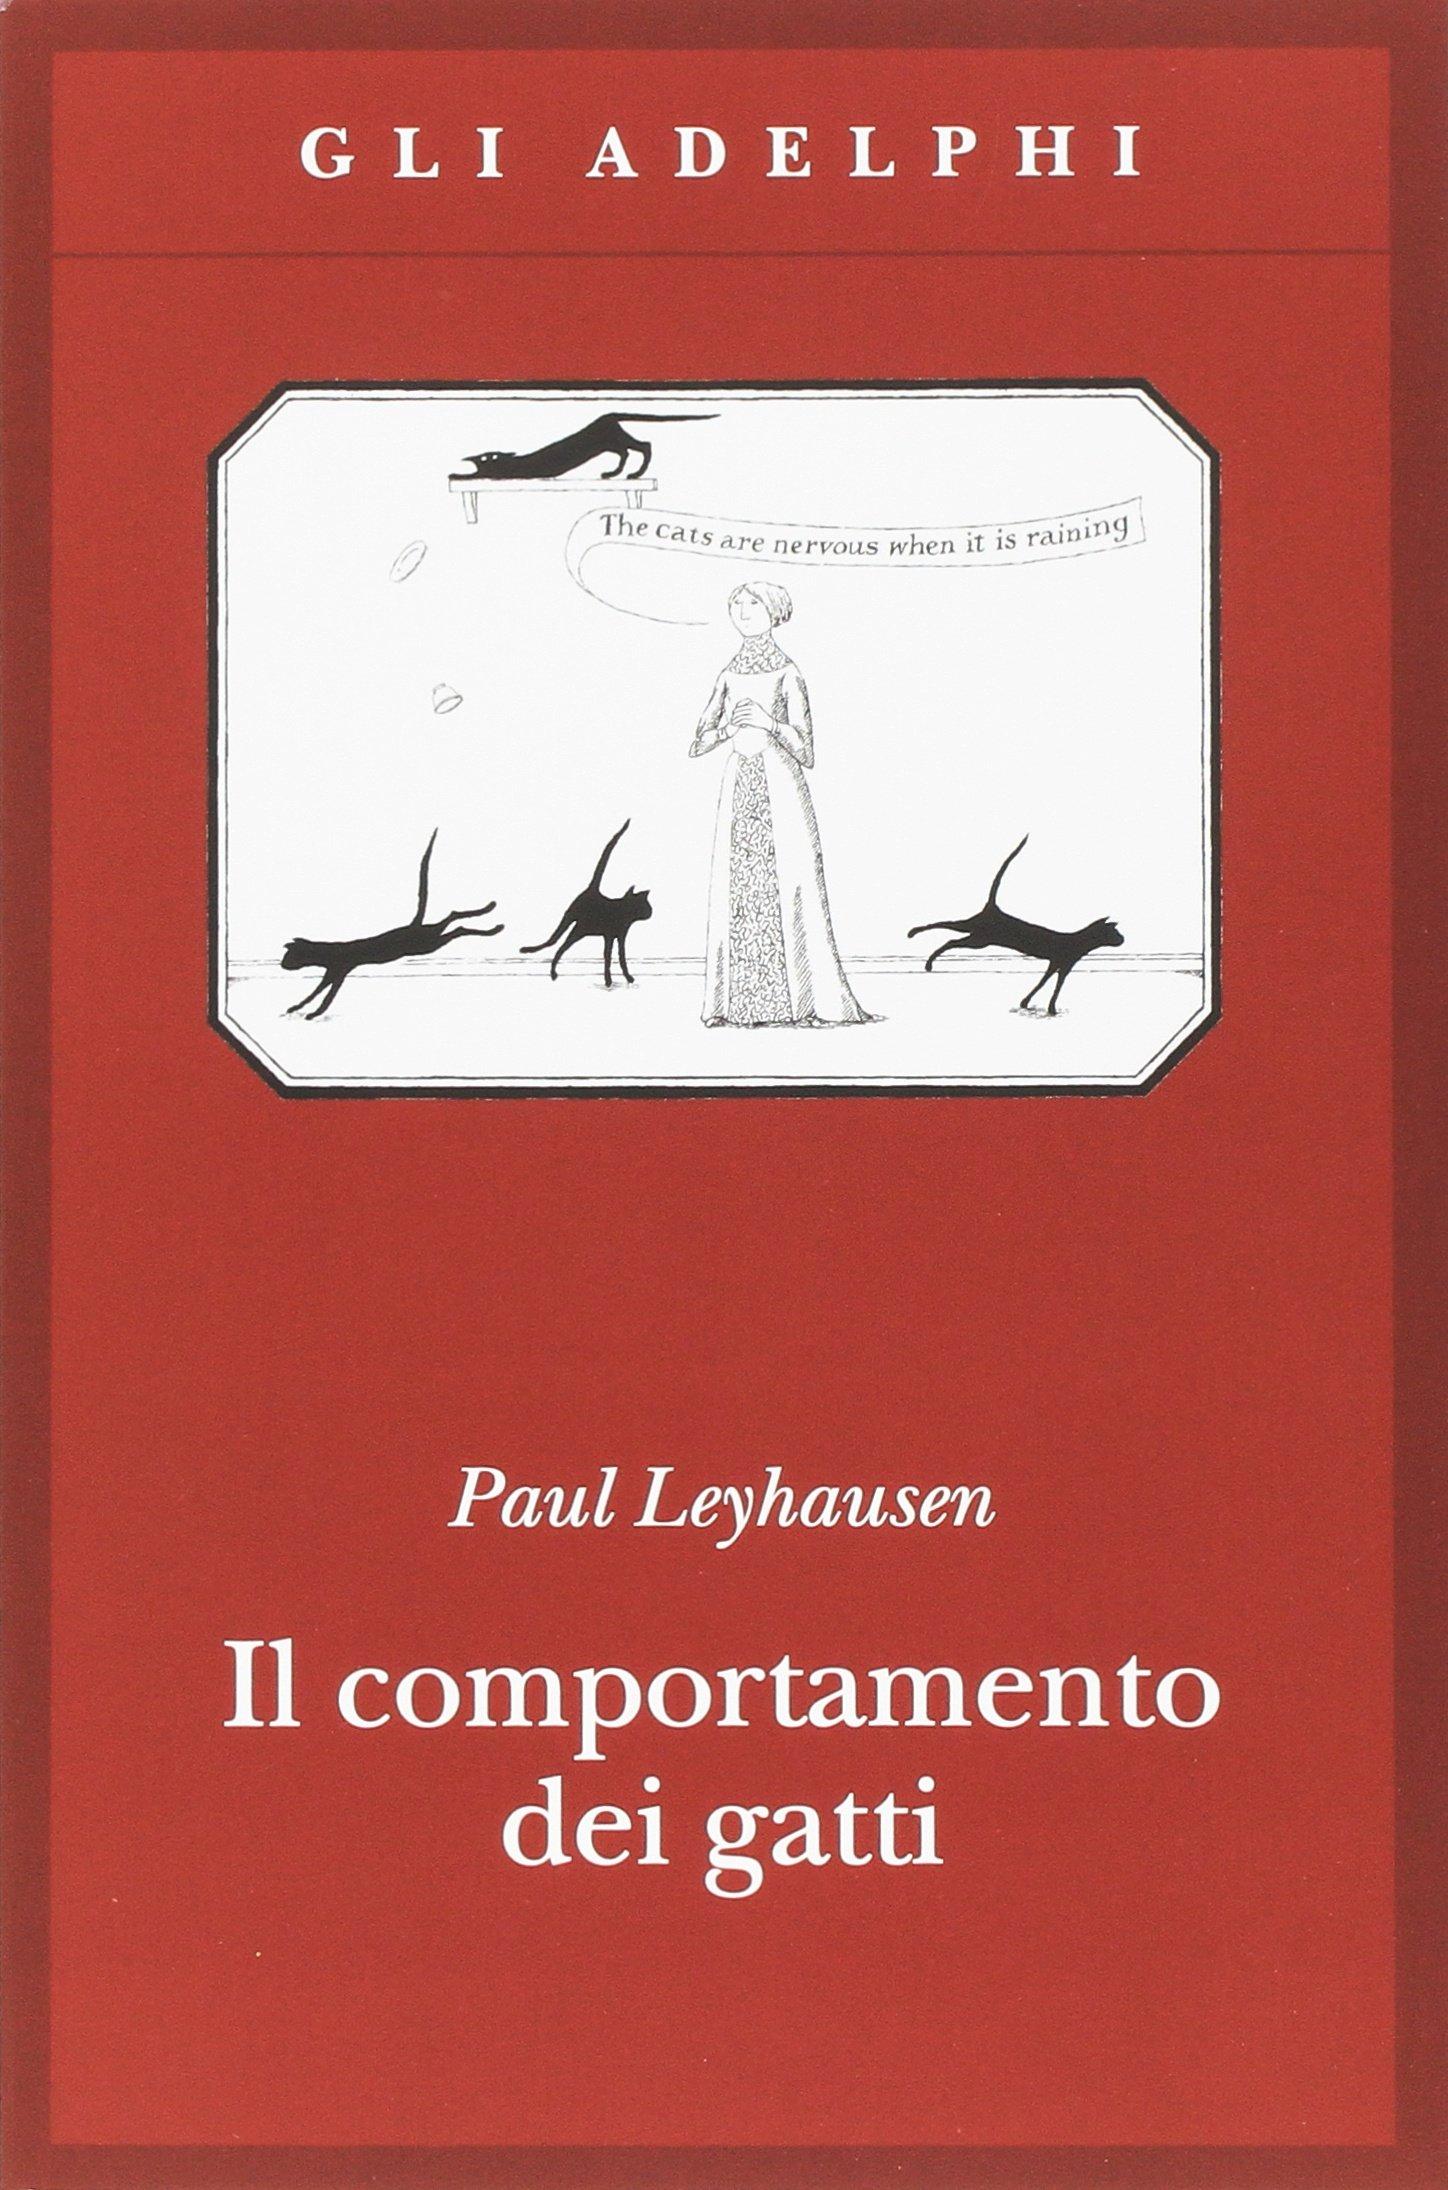 Il comportamento dei gatti Copertina flessibile – 7 feb 2001 Paul Leyhausen F. Scudo L. Sereni Adelphi